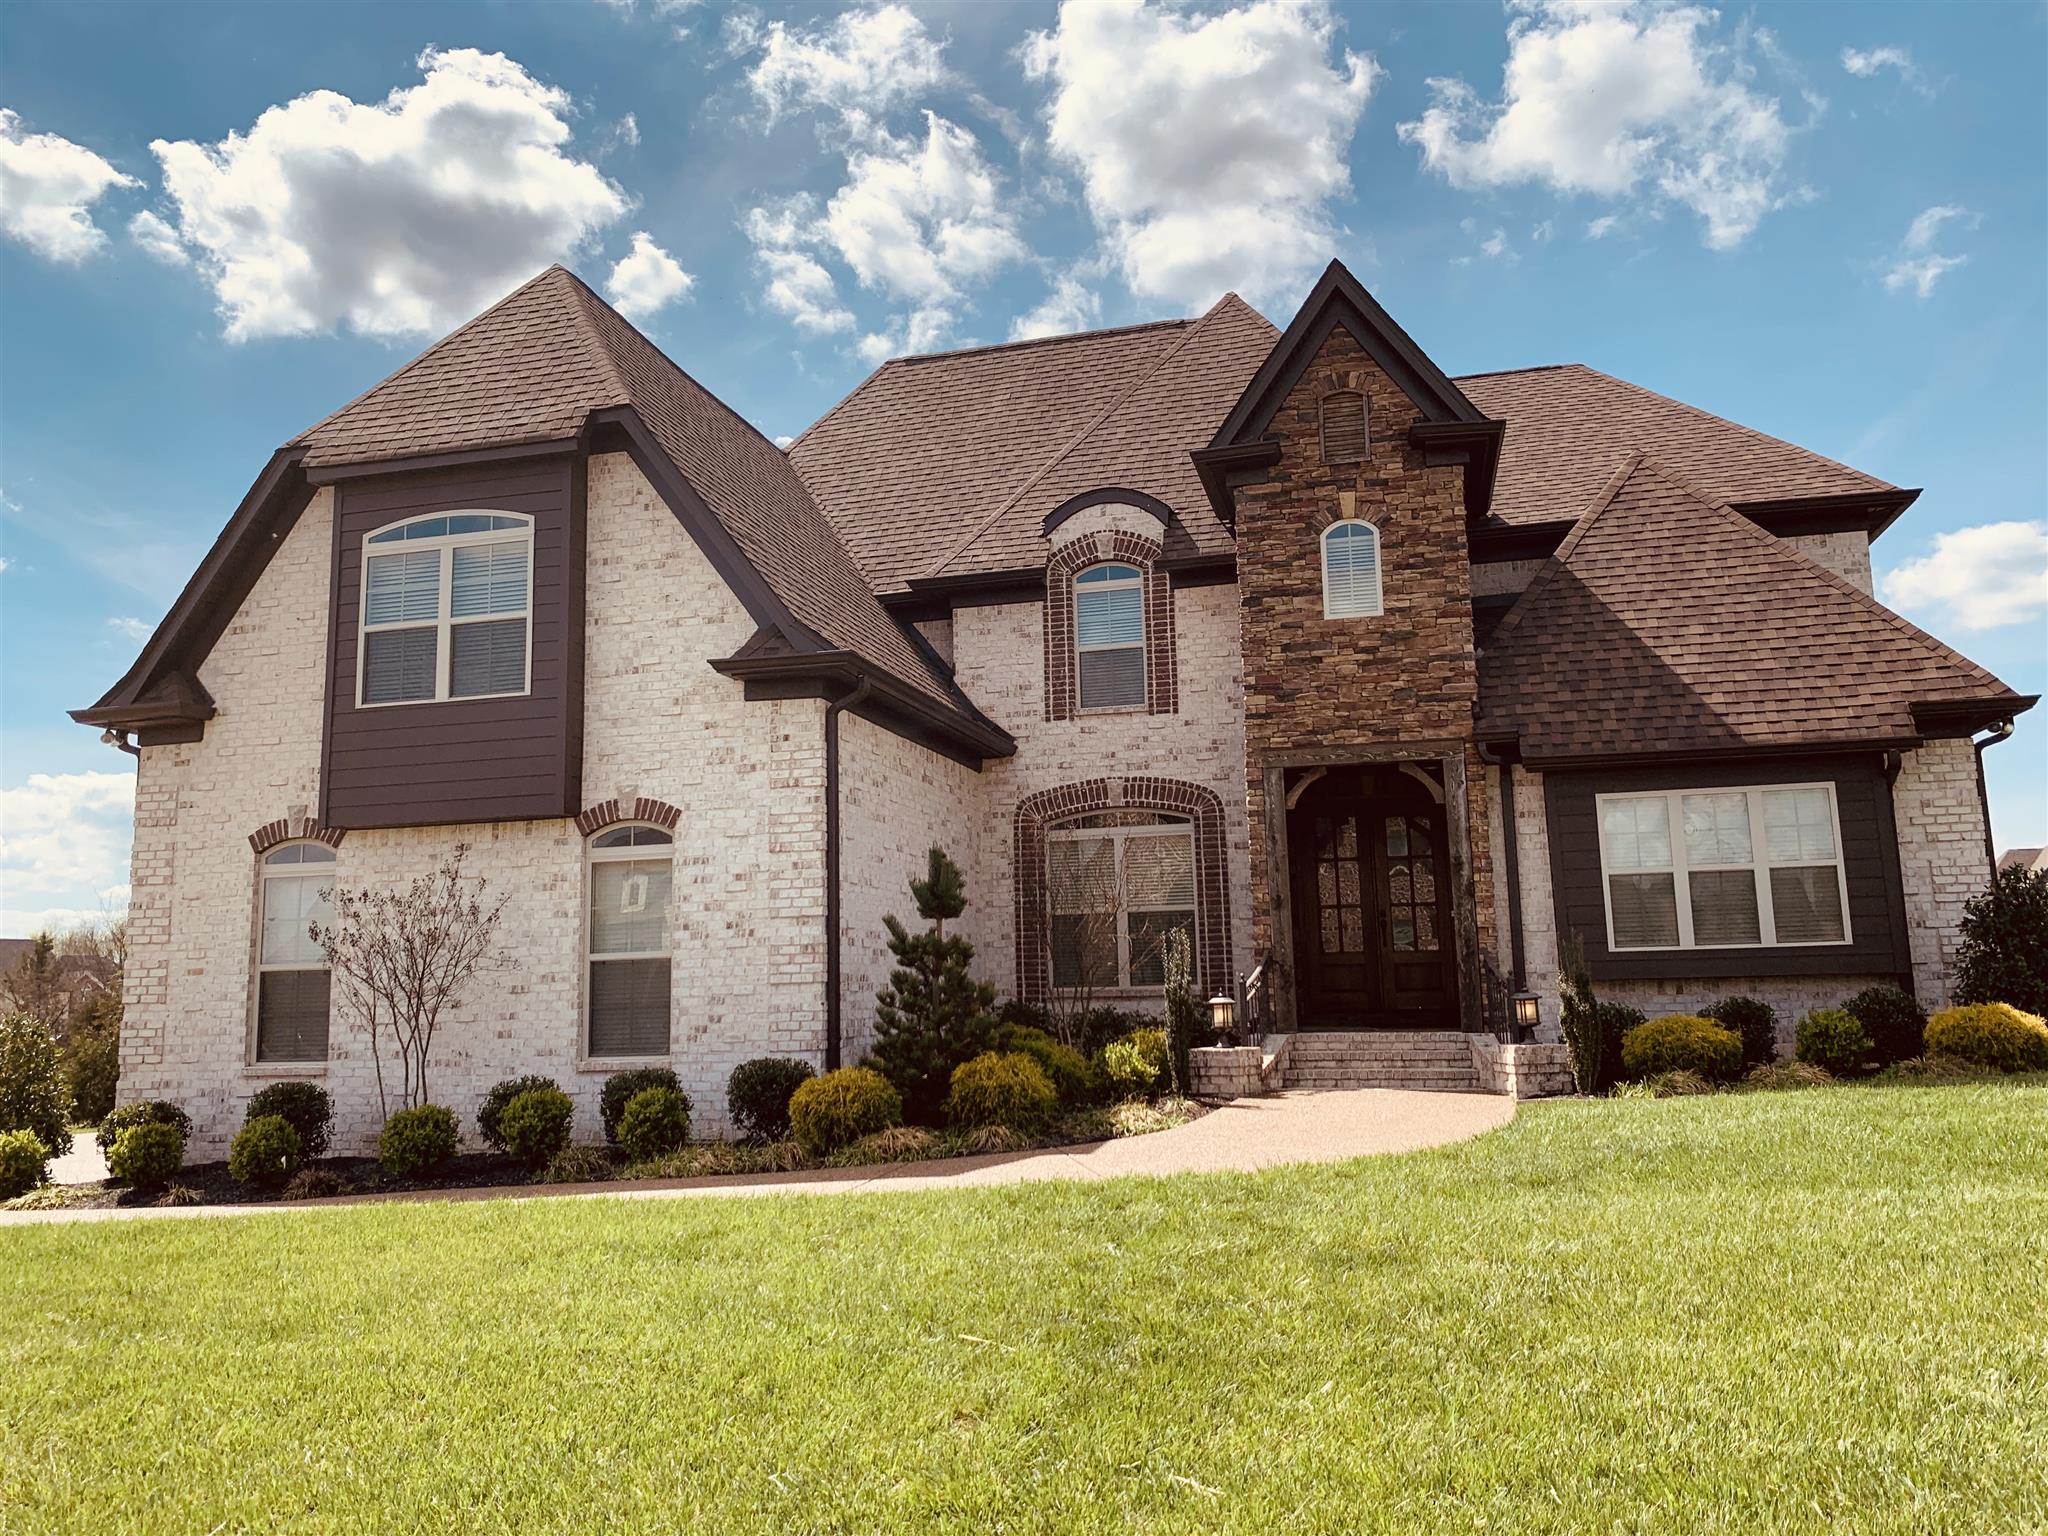 2000 Beechhaven Cir, Mount Juliet, TN 37122 - Mount Juliet, TN real estate listing